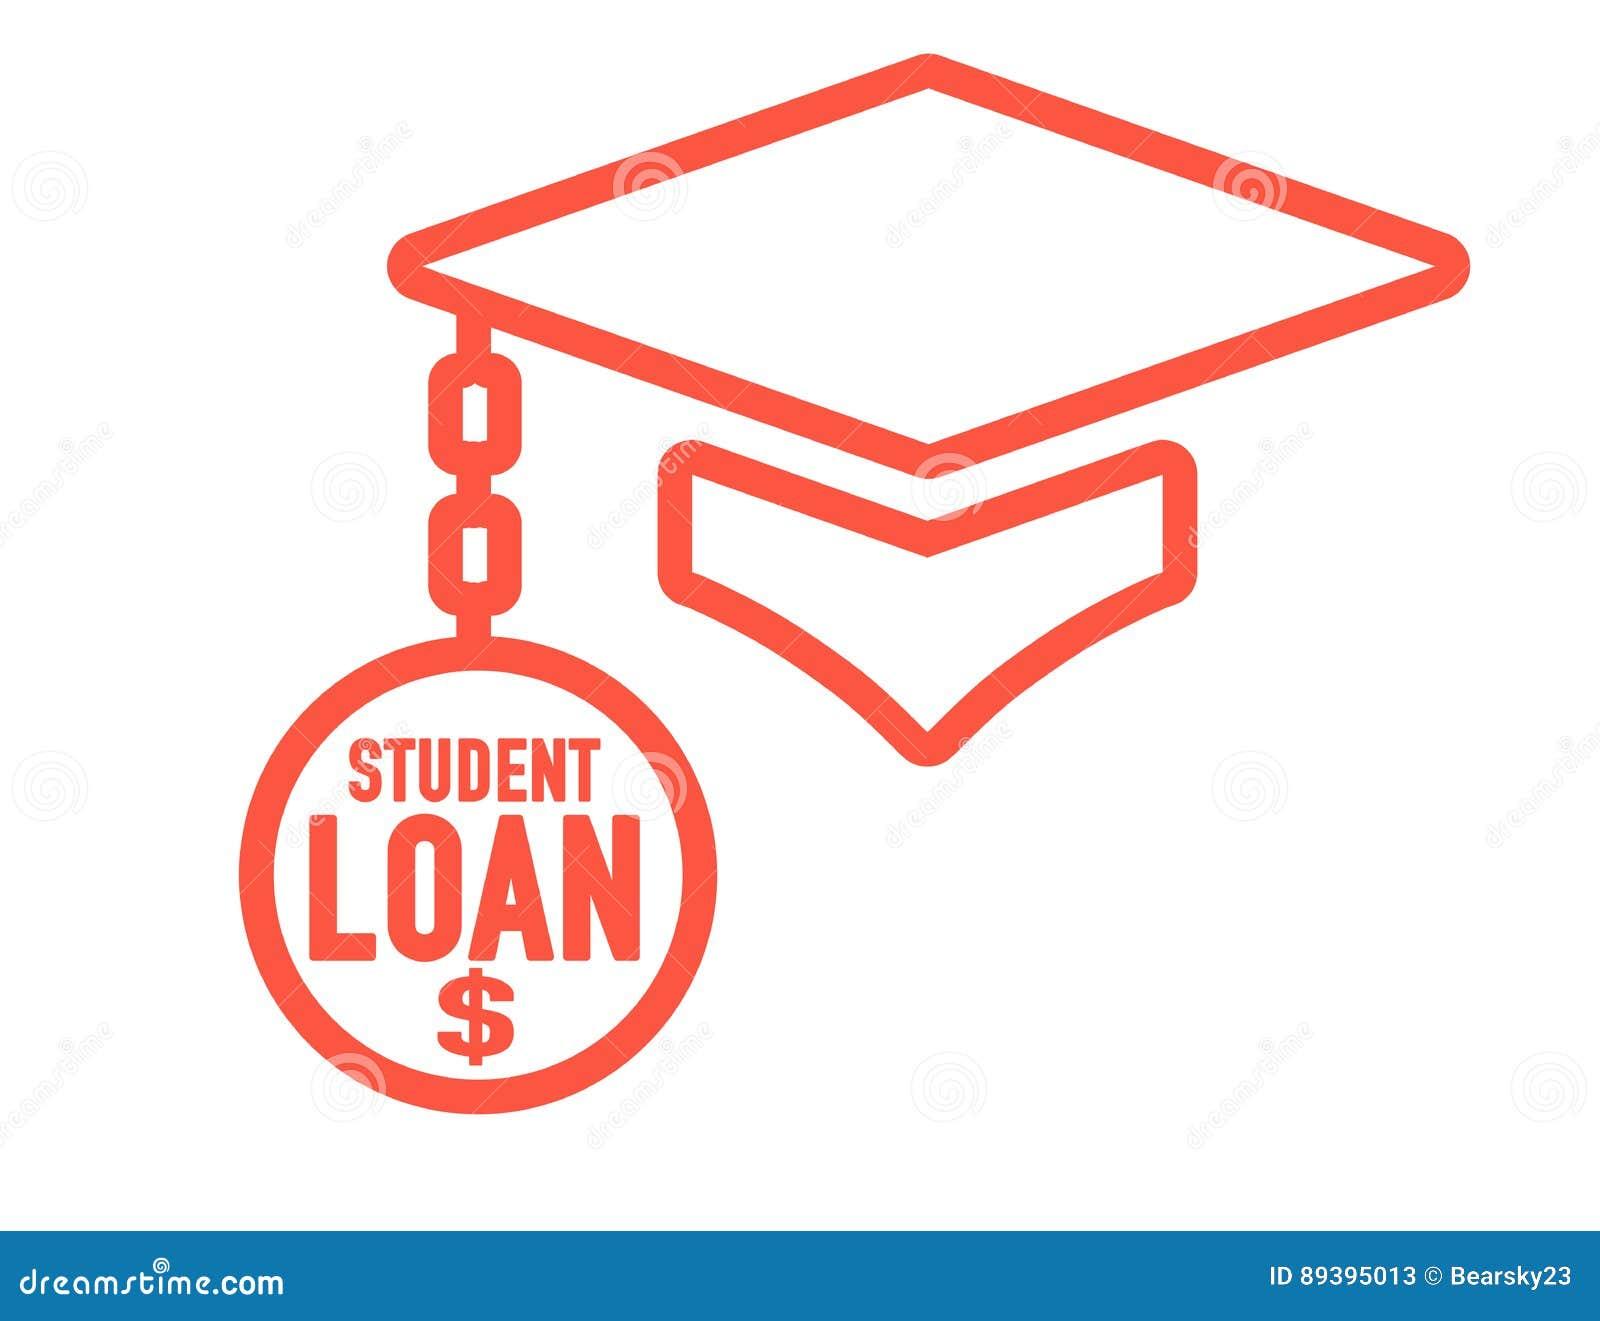 Nya hemsidan hjälp med lån formuläret